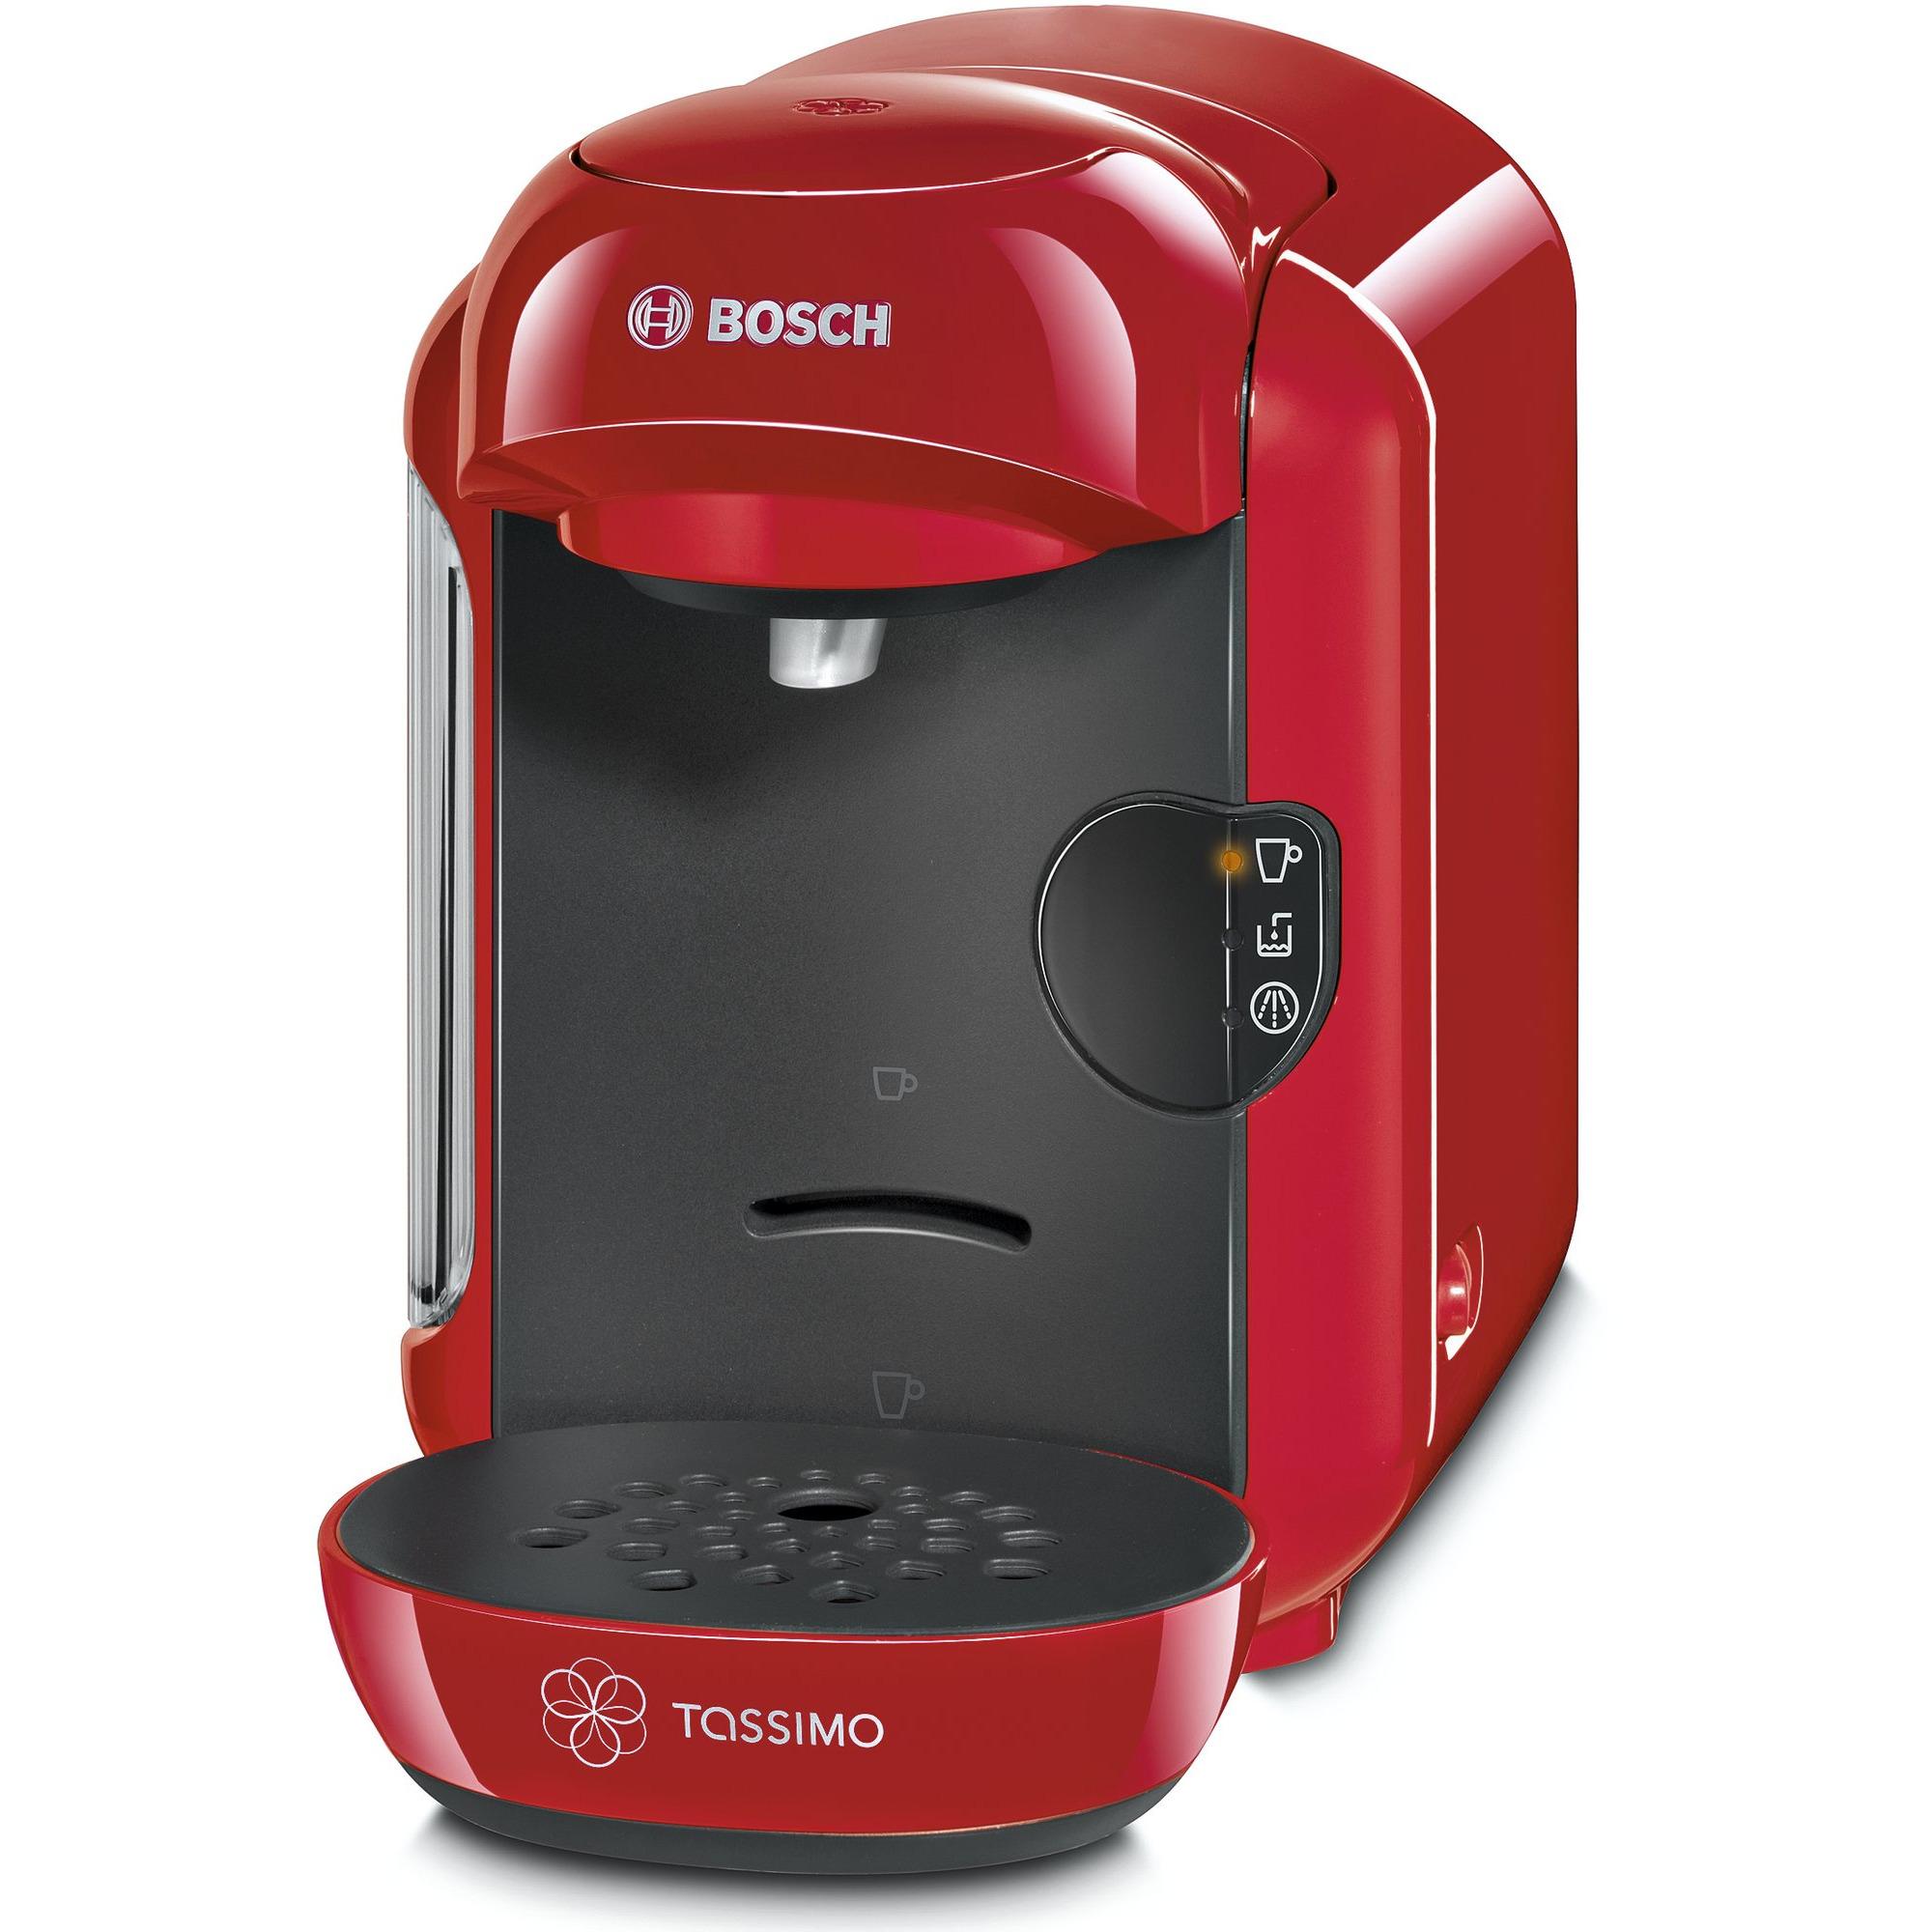 Bosch TAS1403 Mulitmaskin till varma drycker